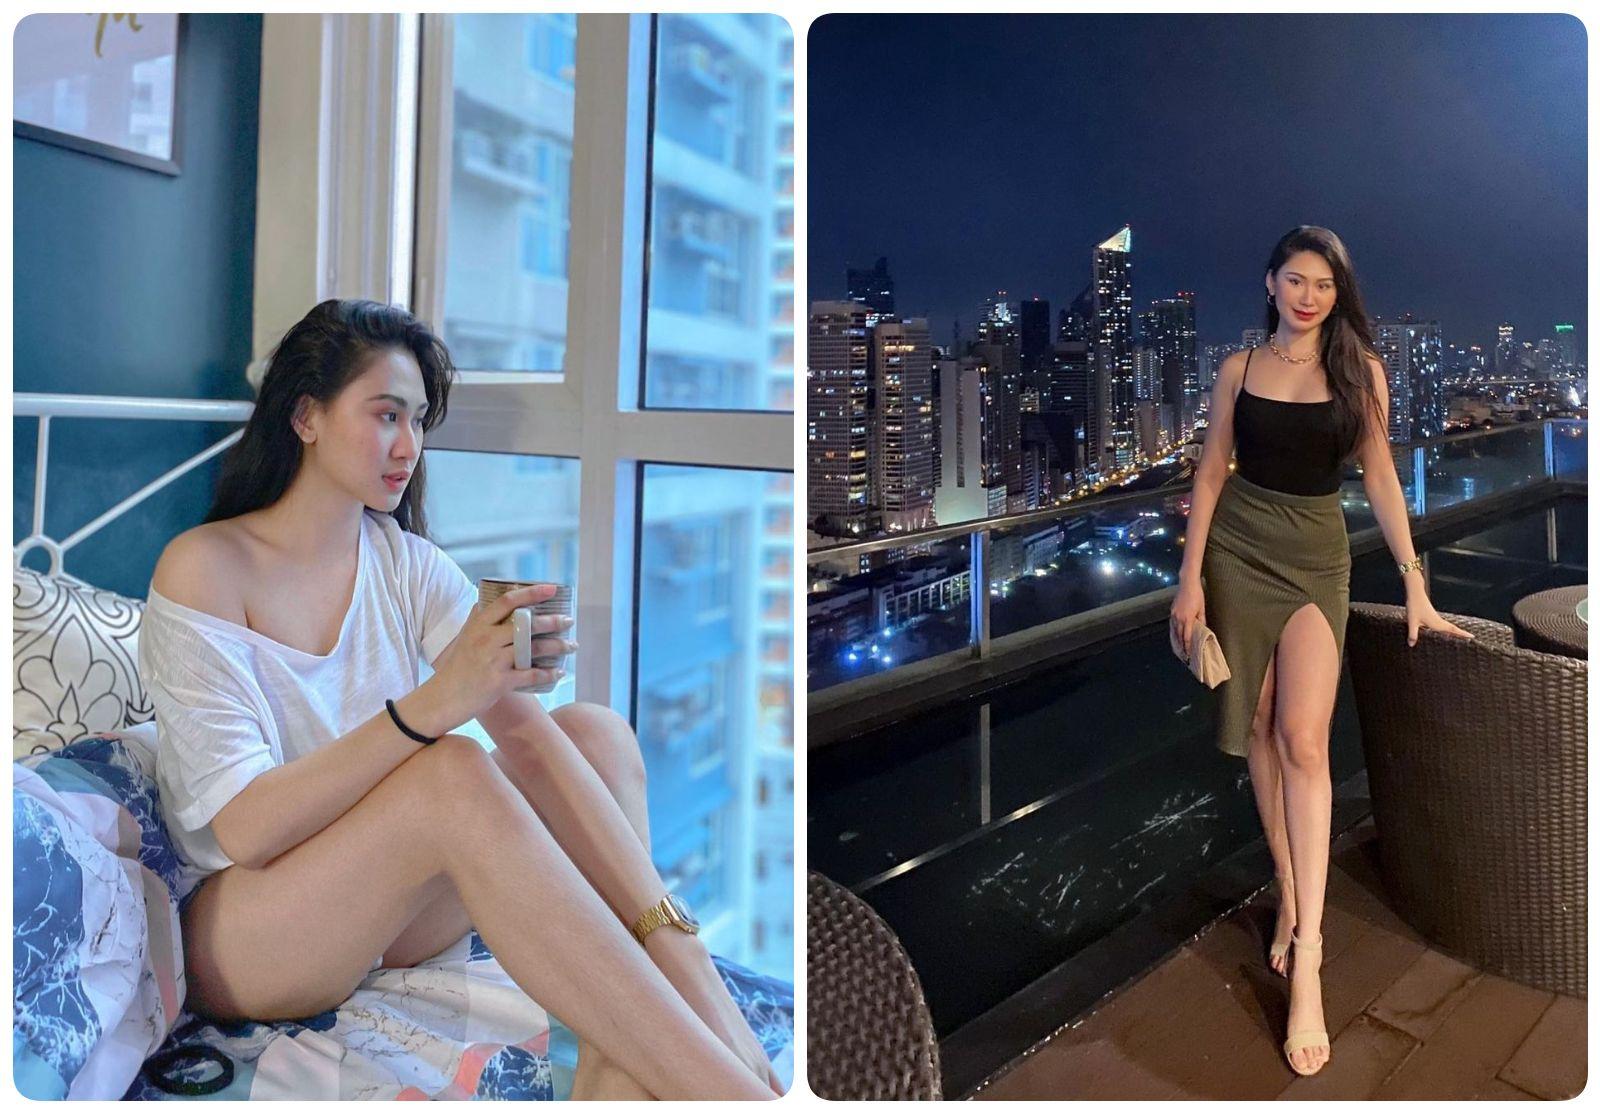 Nữ tiếp viên Philippines xinh đẹp tử vong: Kết luận nguyên nhân khác hoàn toàn đồn đoán - 1